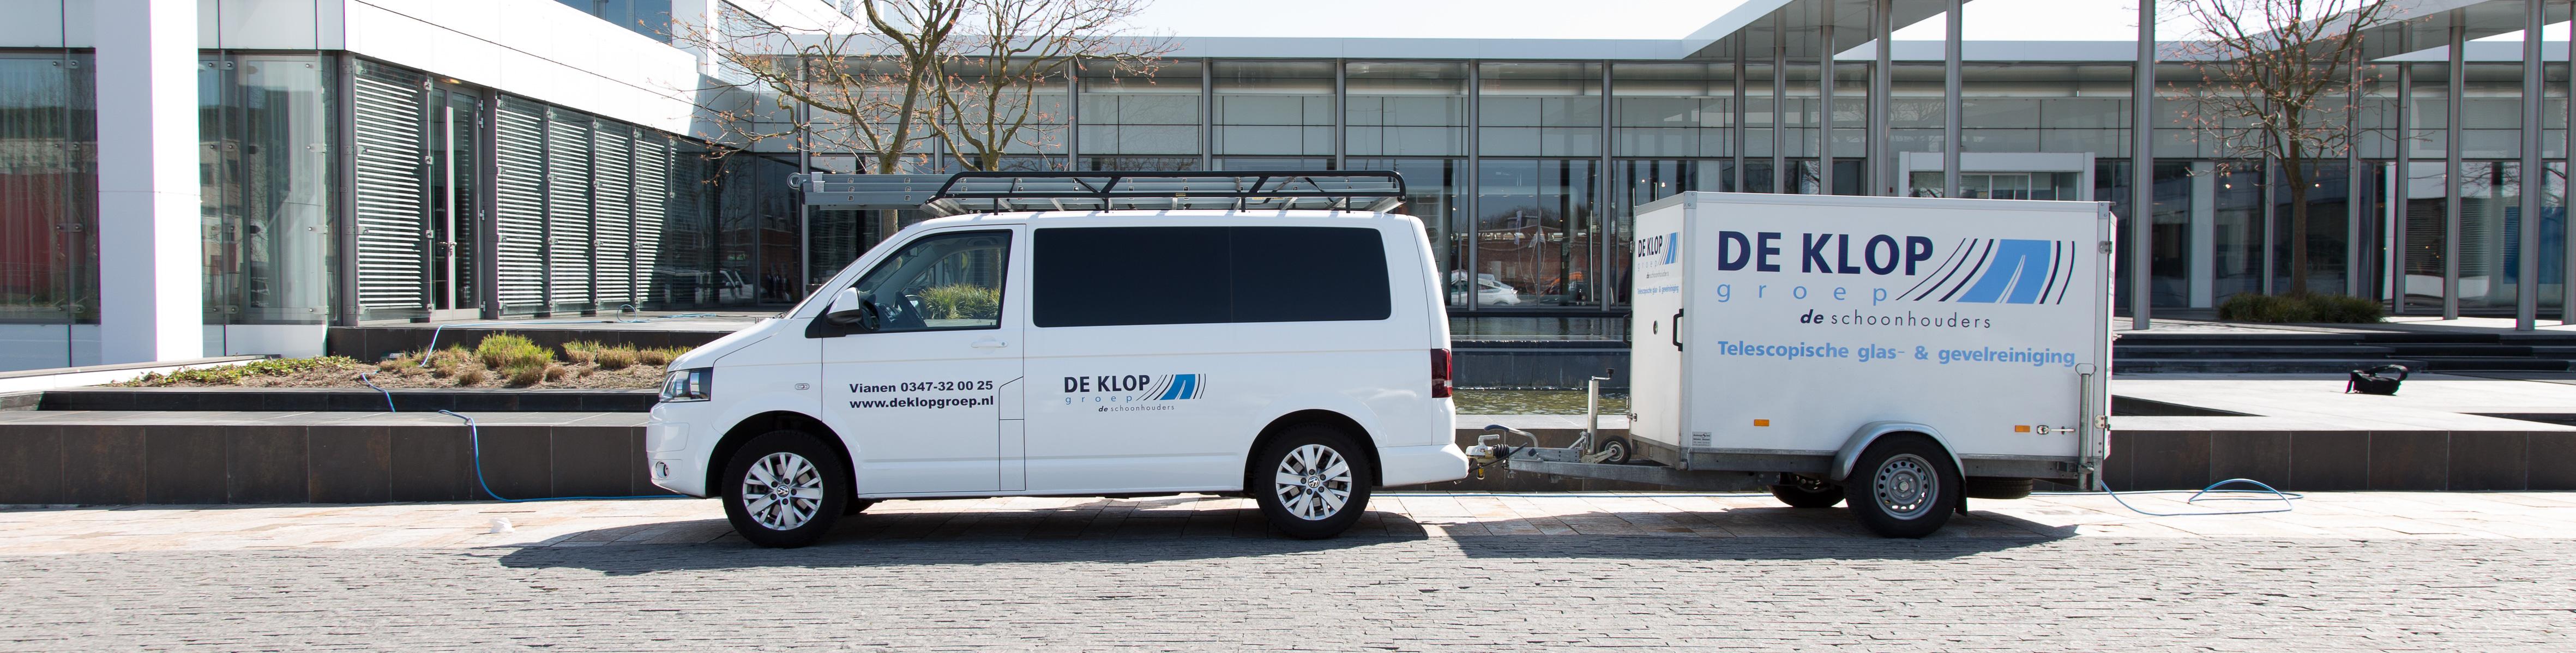 Deklopgroep glasbewassing gevelreiniging bedrijfspanden in Nederland